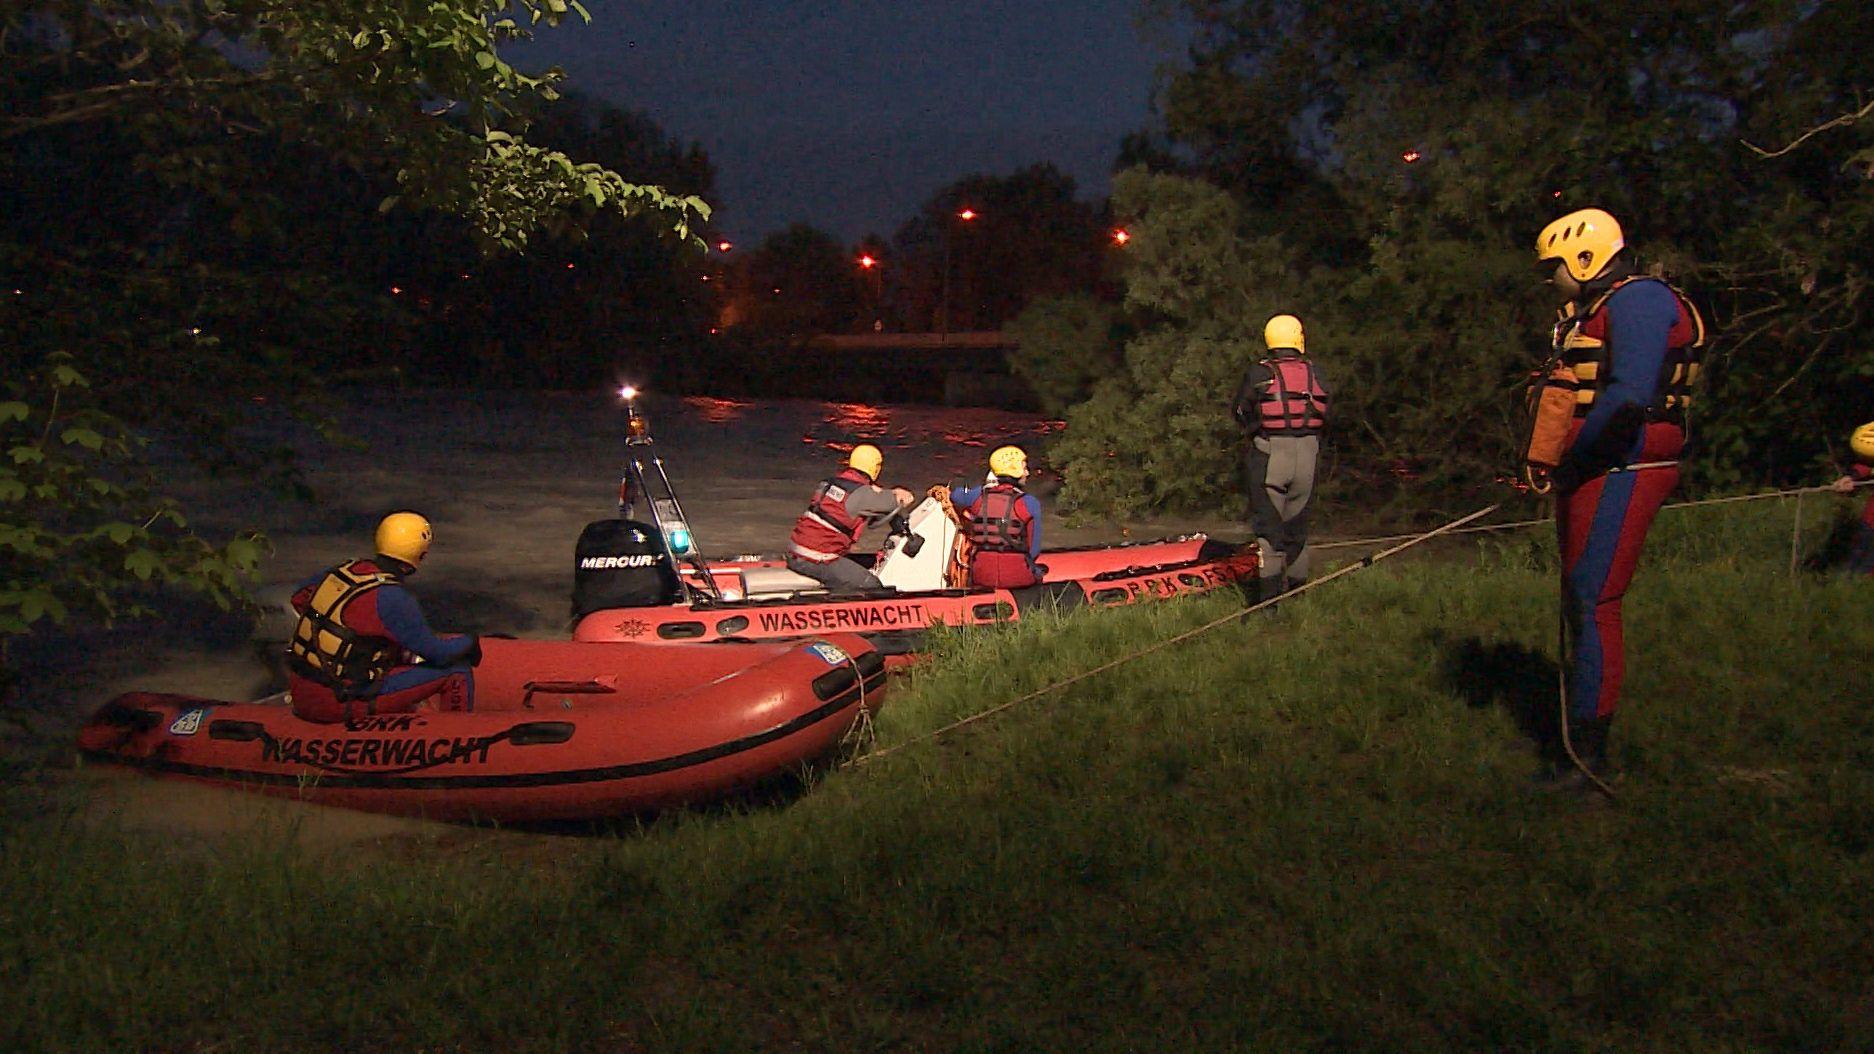 Mit Tauchern und Hubschraubern haben Polizei und Feuerwehr am Mittwochabend die Isar bei München-Ismaning abgesucht. Ein Zeuge hatte einen Notruf abgesetzt - er meldete, zwei Arme im Fluss gesehen zu haben.